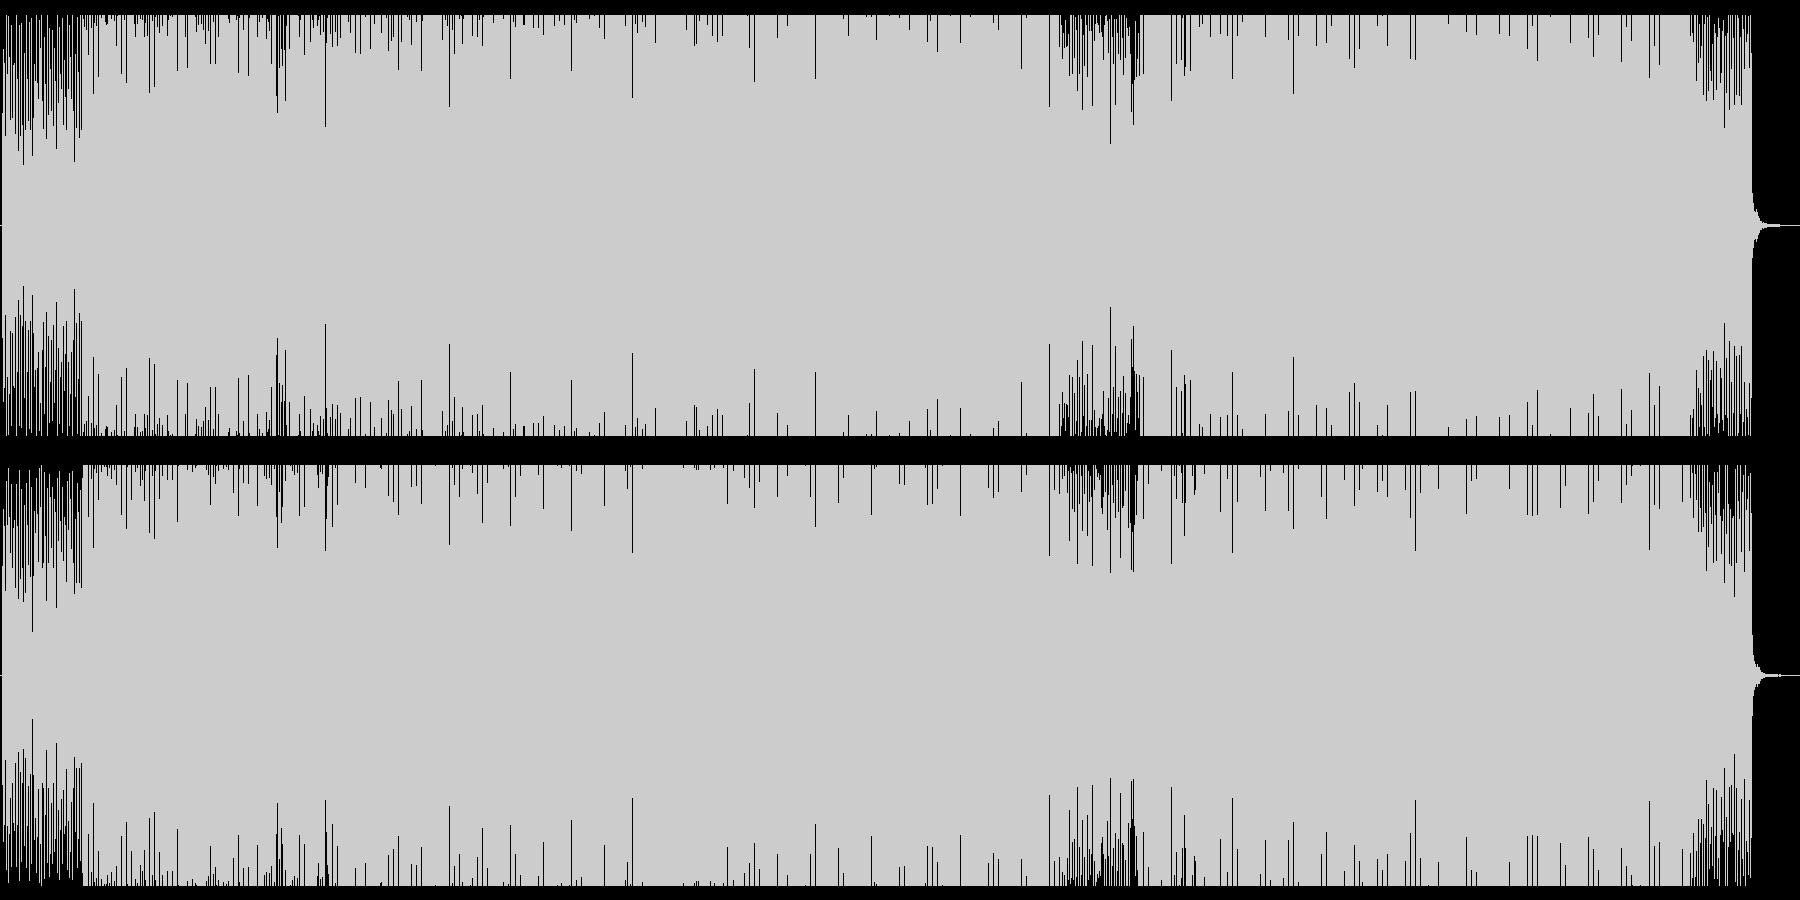 不安感や緊張感を煽るイメージのテクノの未再生の波形